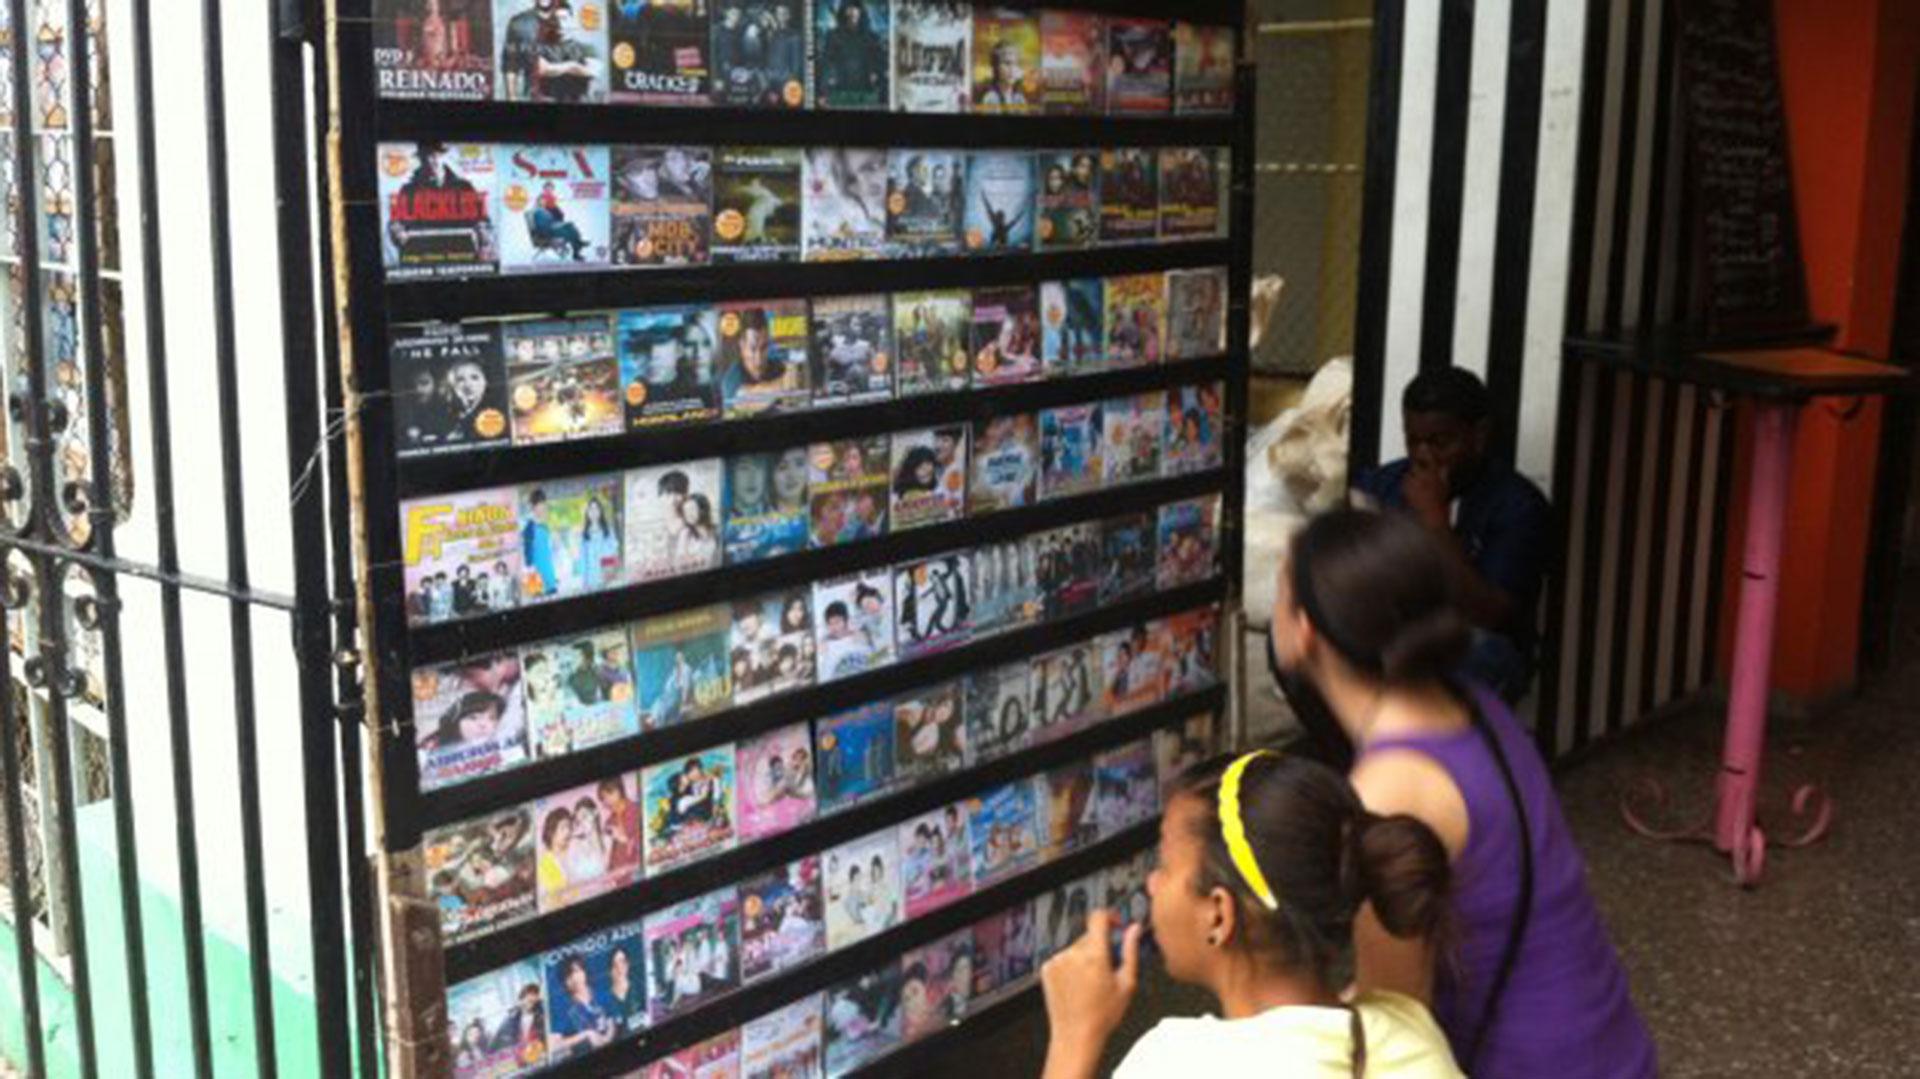 Los paquetes incluyen películas, programas de TV, juegos, música y publicidad